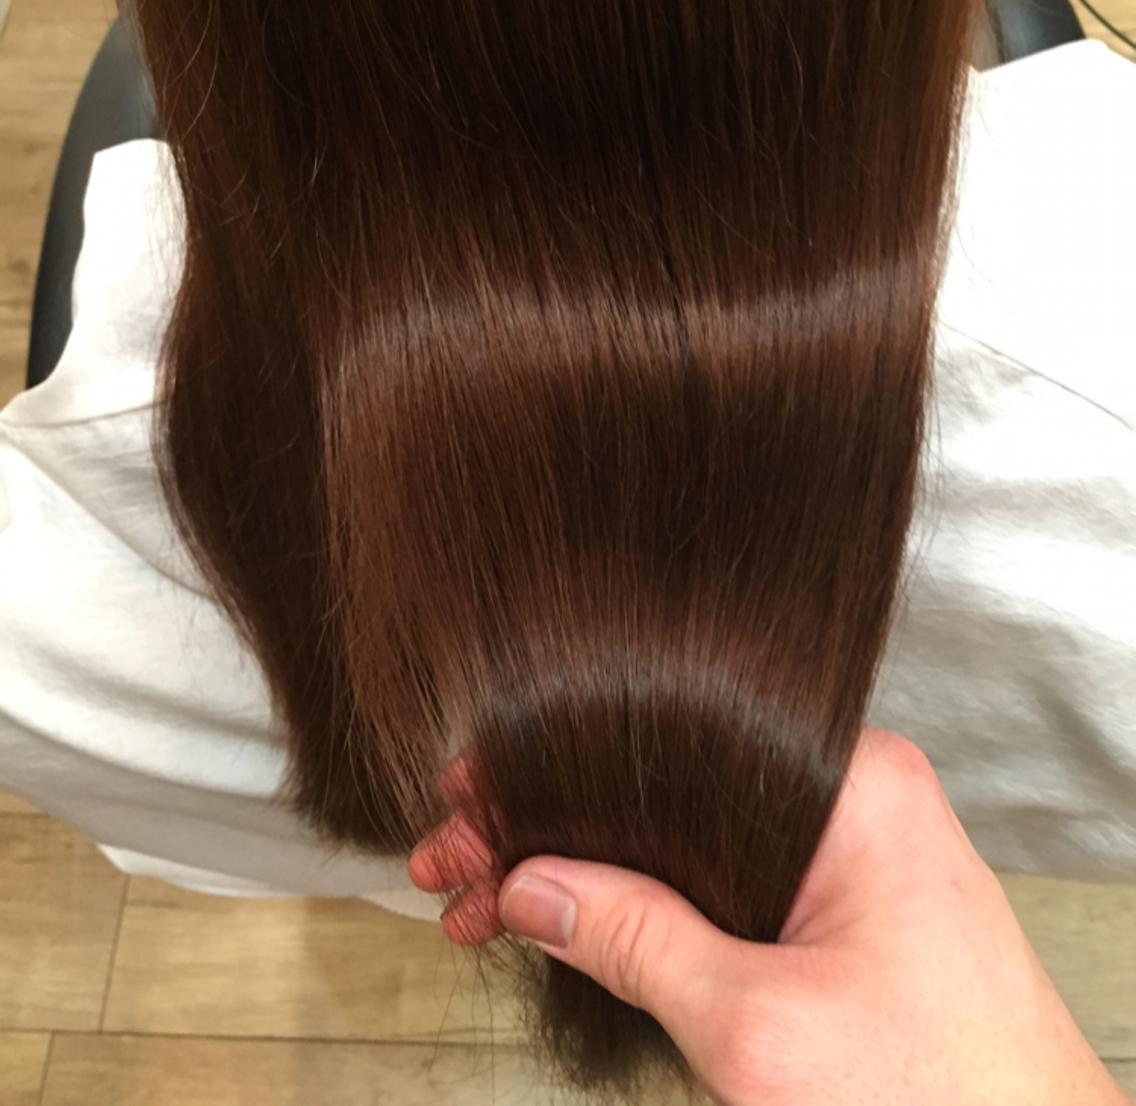 カラー♪1000円でさしていただきます!ぜひ皆さん髪の毛を綺麗にするのを手伝わしてください!!!